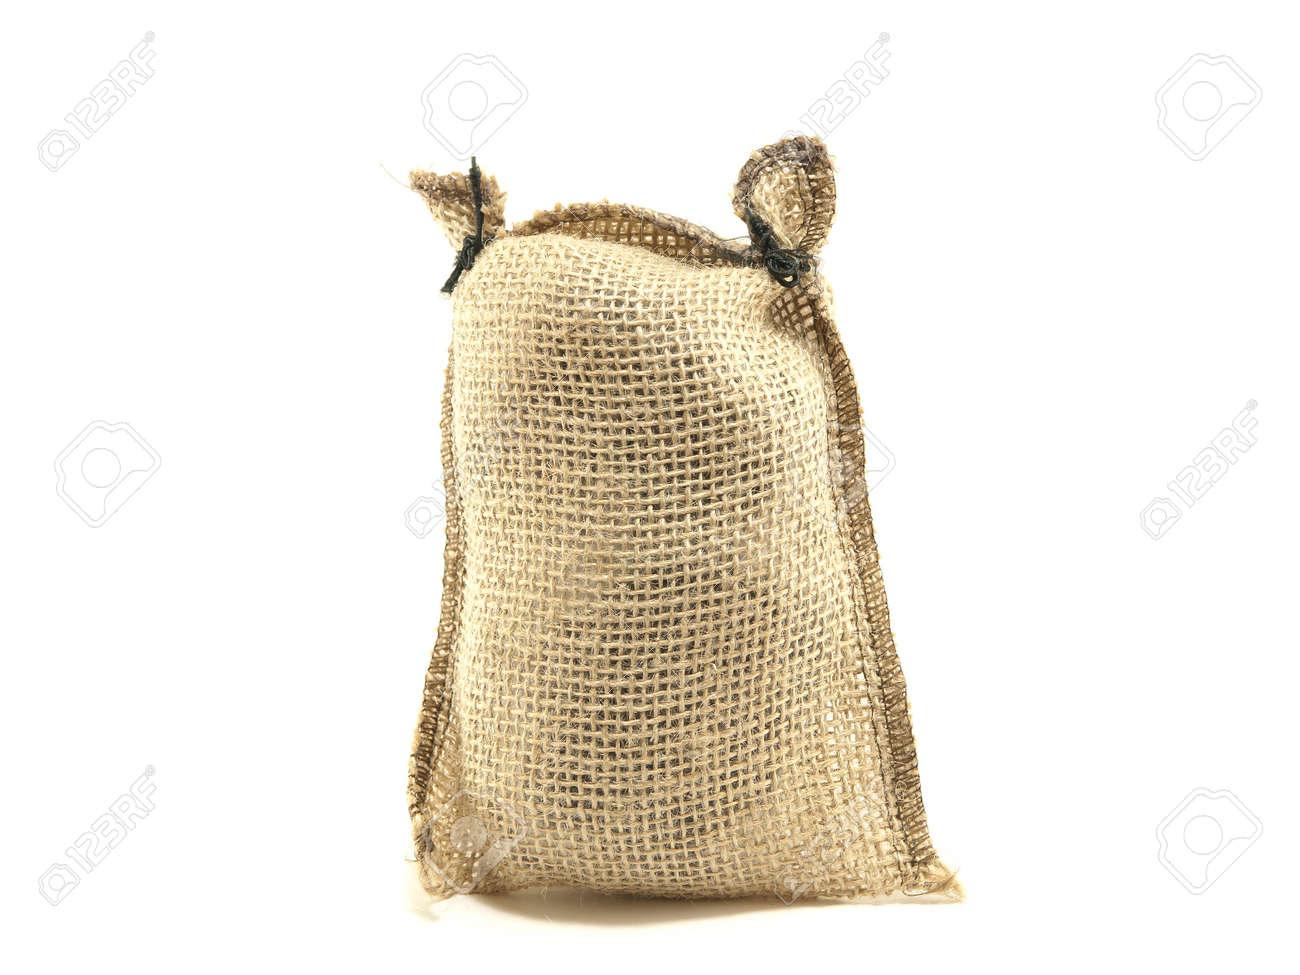 Hessian sack isolated against white background Stock Photo - 17336927